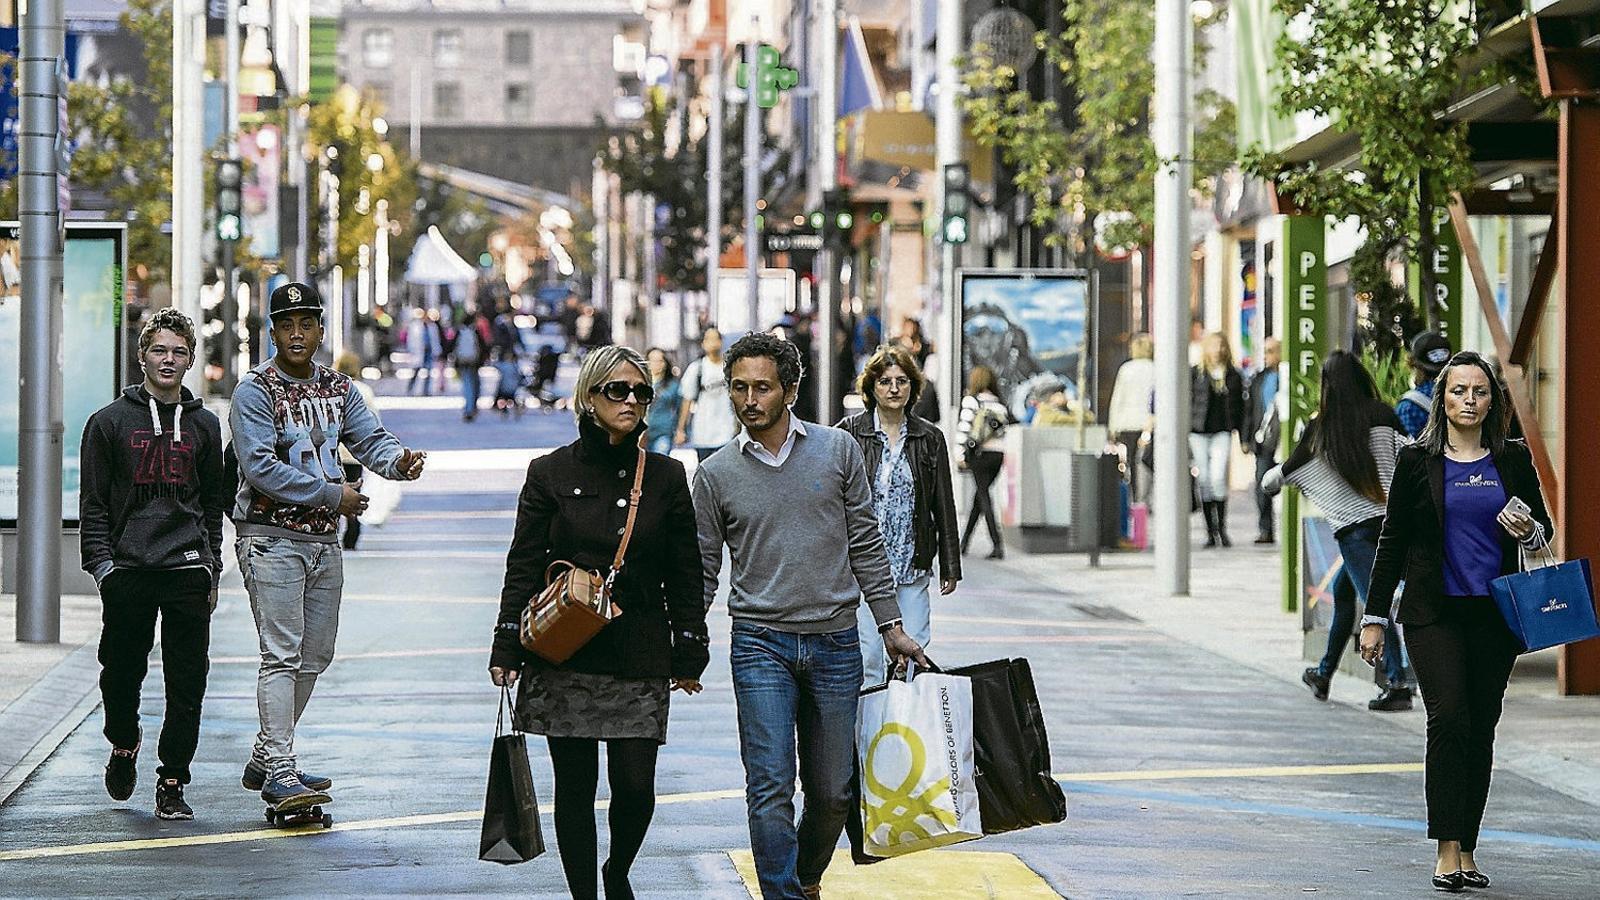 Andorra tem que seguir aplicant el roaming perjudiqui el turisme, i també els seus ciutadans quan surten del país, i per això negocia amb les operadores espanyoles. A la imatge, gent passejant per l'avinguda Carlemany, a Escaldes-Engordany.